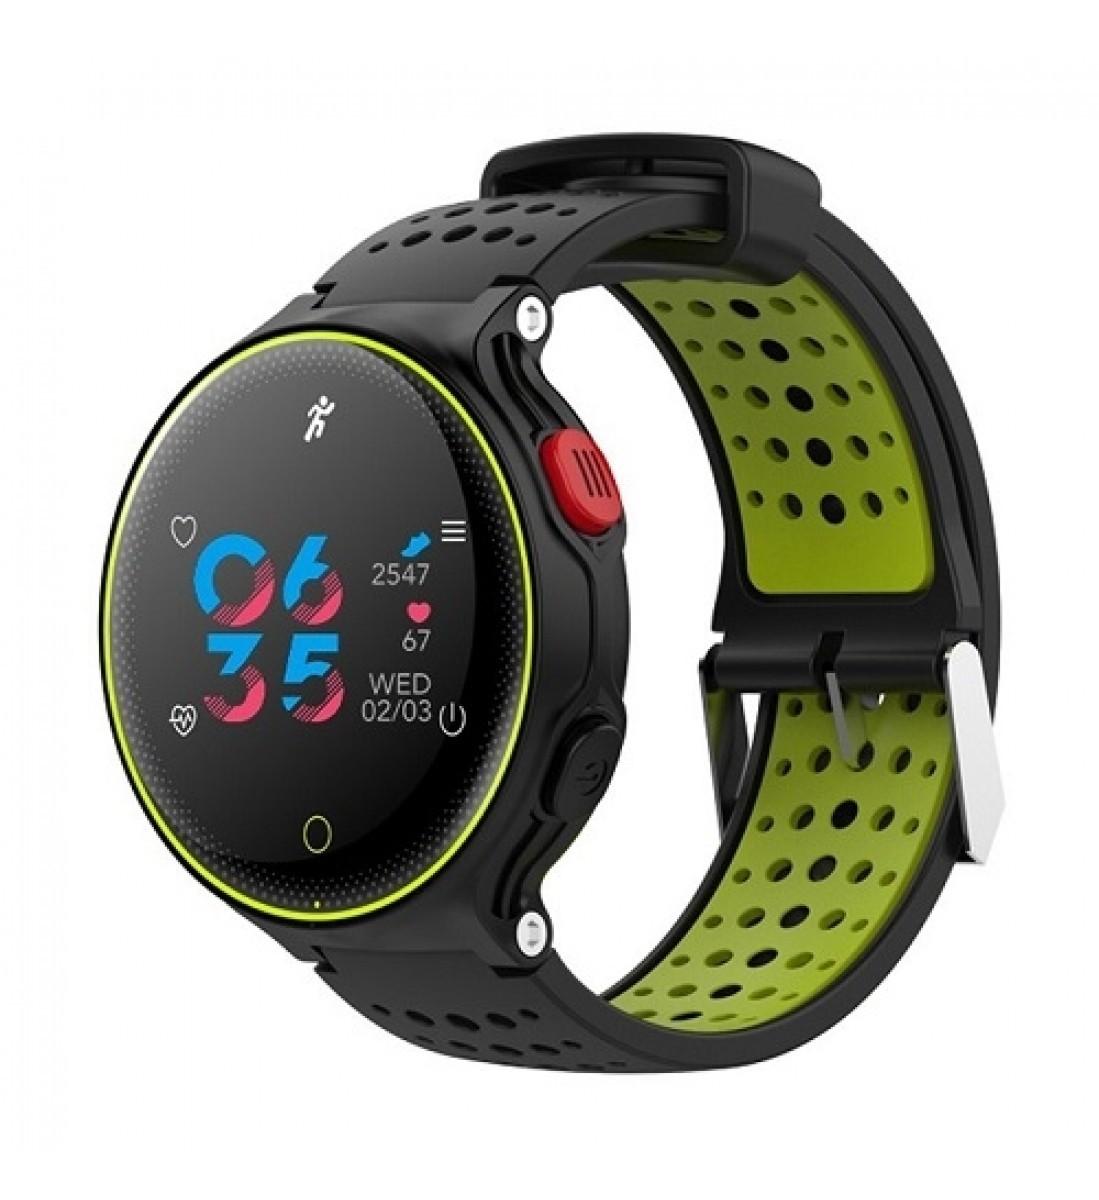 Фитнес-часы с измерением давления и пульса Gsmin X2 Plus черно-желтые